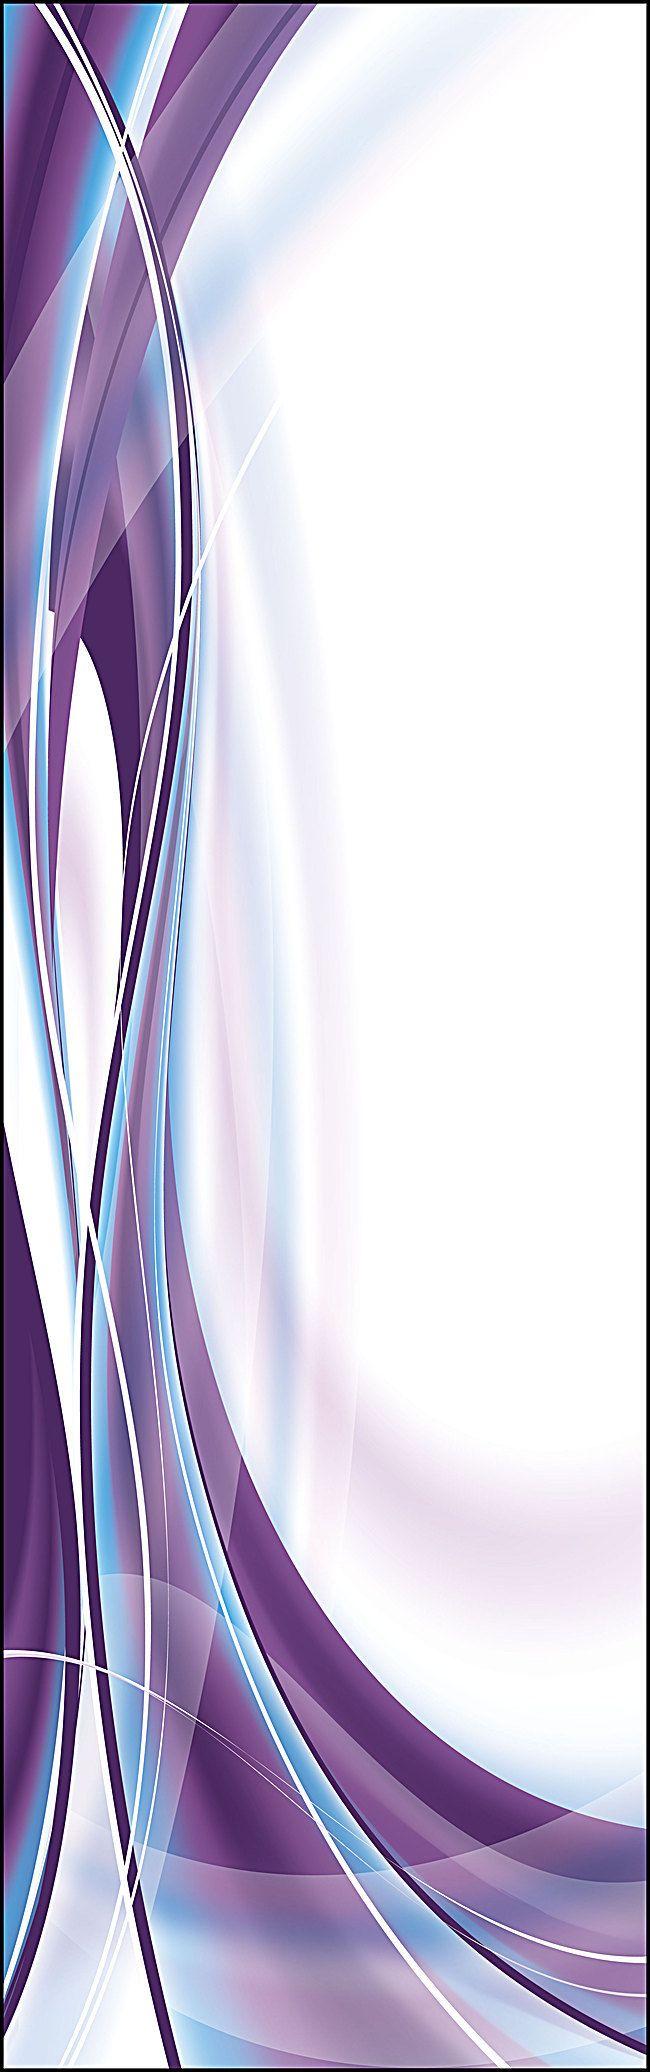 ضوء تصميم الحركة شكل الخلفية Purple Abstract Artwork Science And Technology